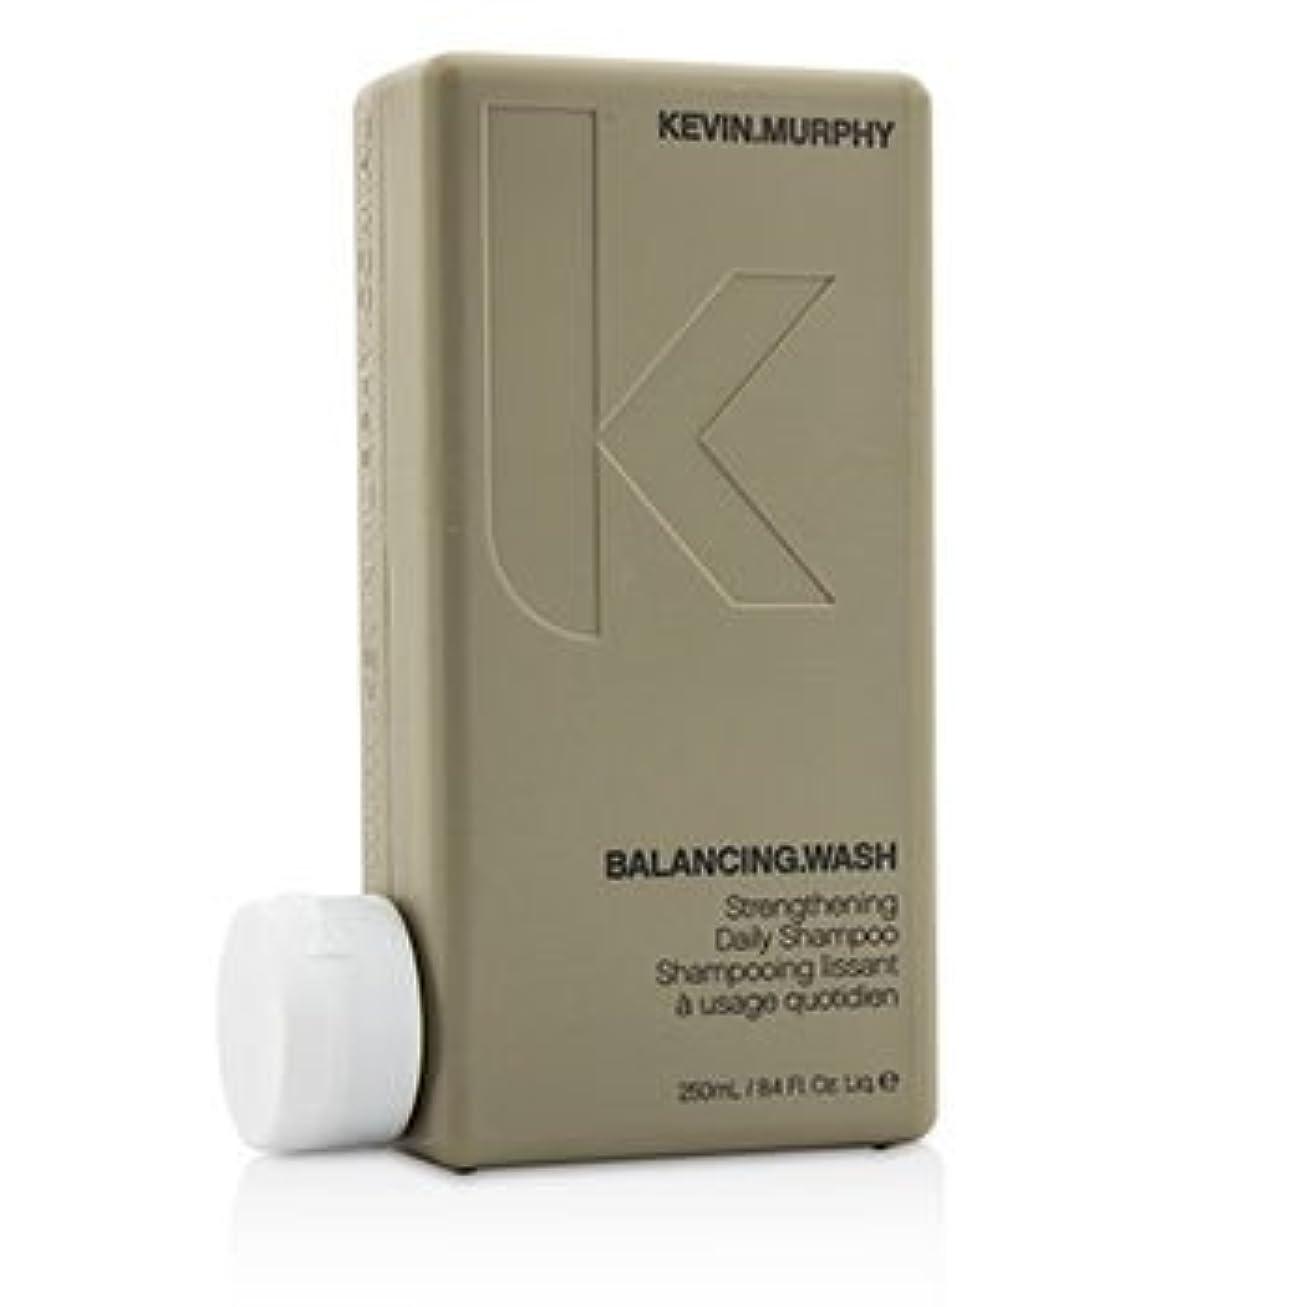 報告書説明する征服者[Kevin.Murphy] Balancing.Wash (Strengthening Daily Shampoo - For Coloured Hair) 250ml/8.4oz